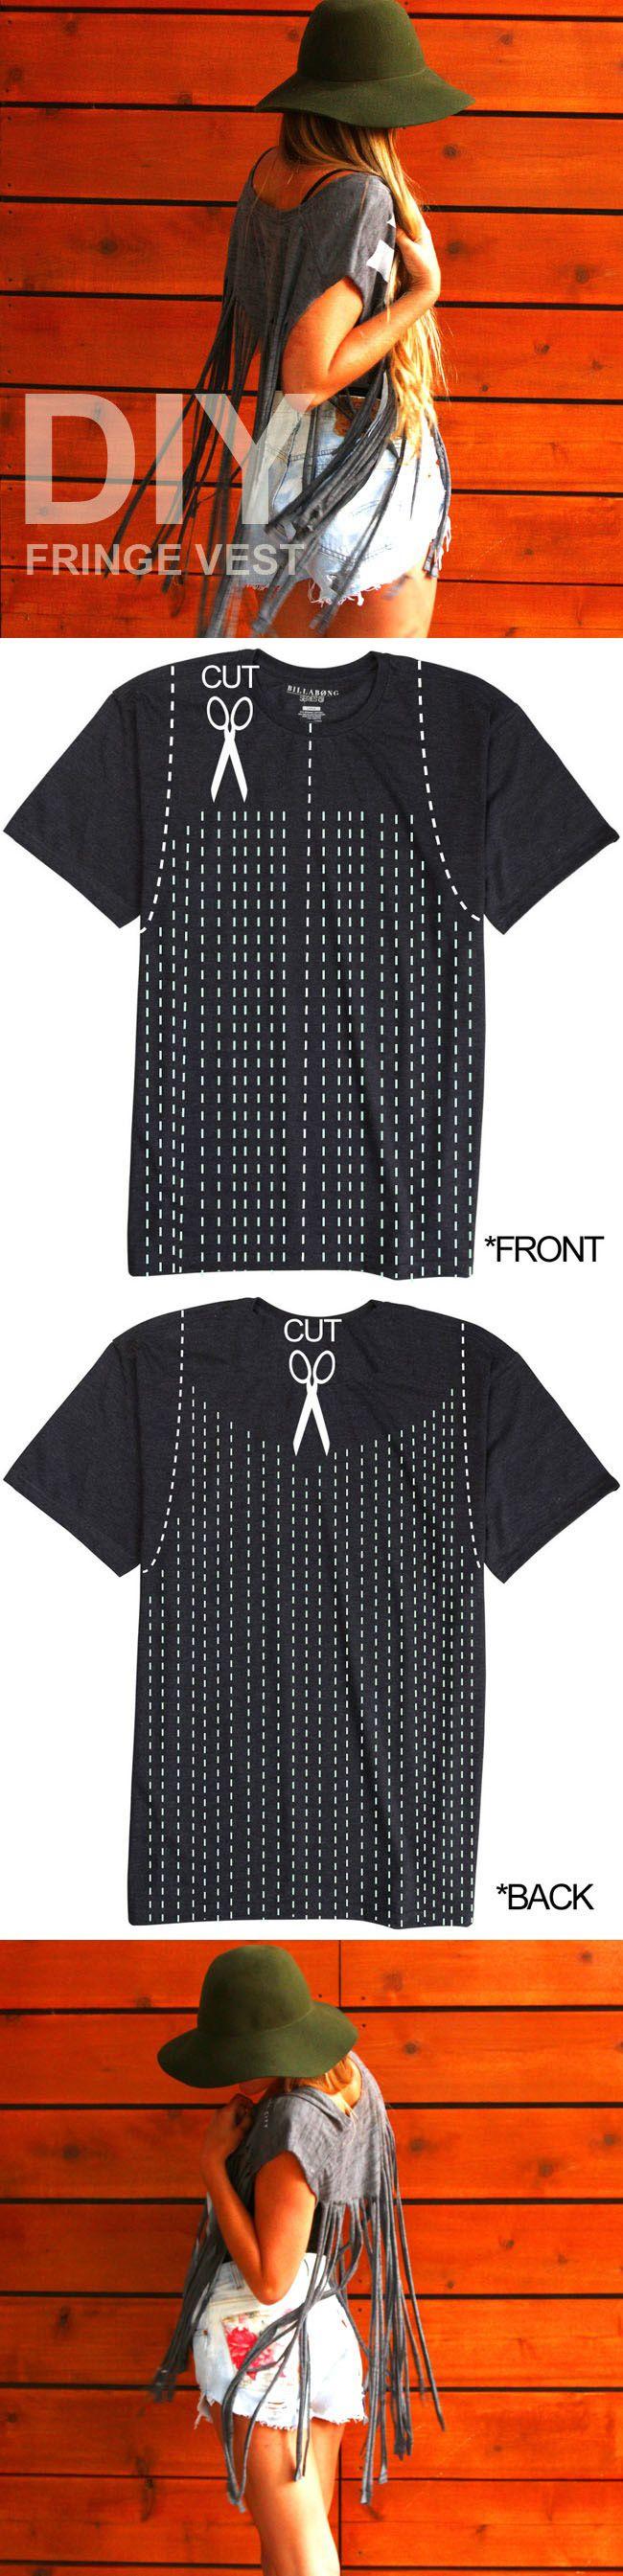 Pin by DIY Make It on DIY Fashion | Diy clothes, Diy ...